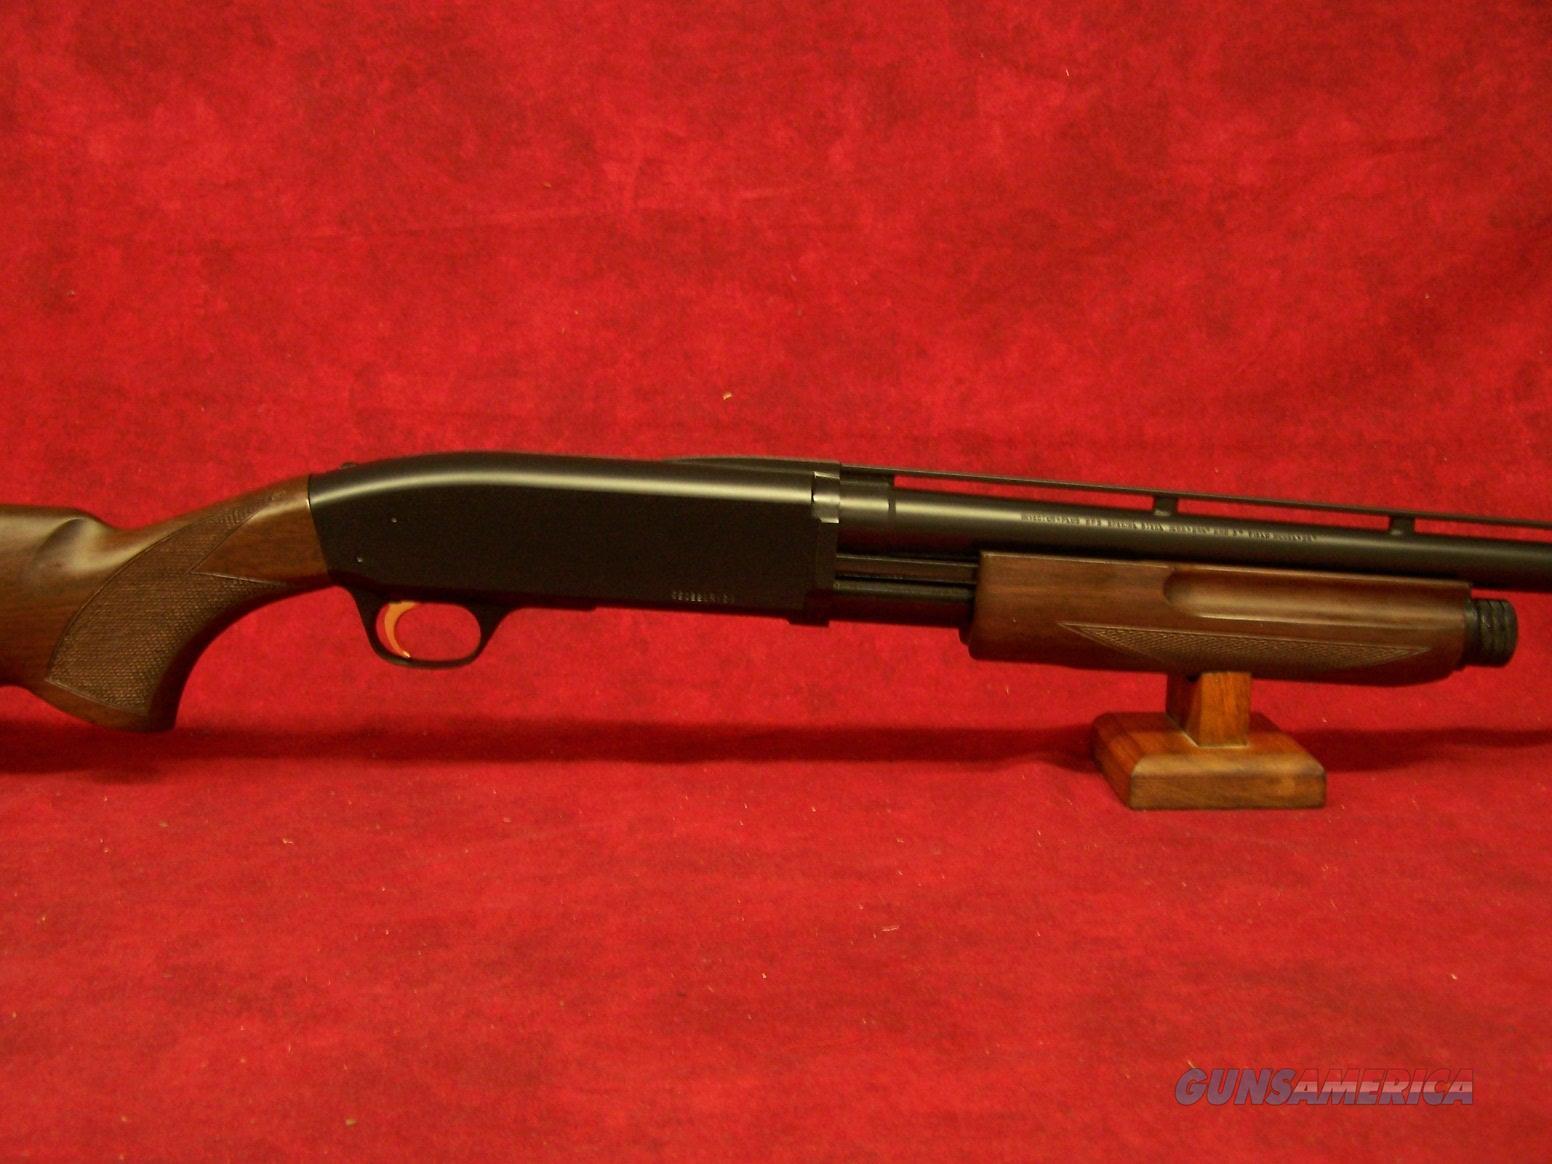 """Browning BPS Field 12ga 3"""" 26"""" Barrel (012284305)  Guns > Shotguns > Browning Shotguns > Pump Action > Hunting"""